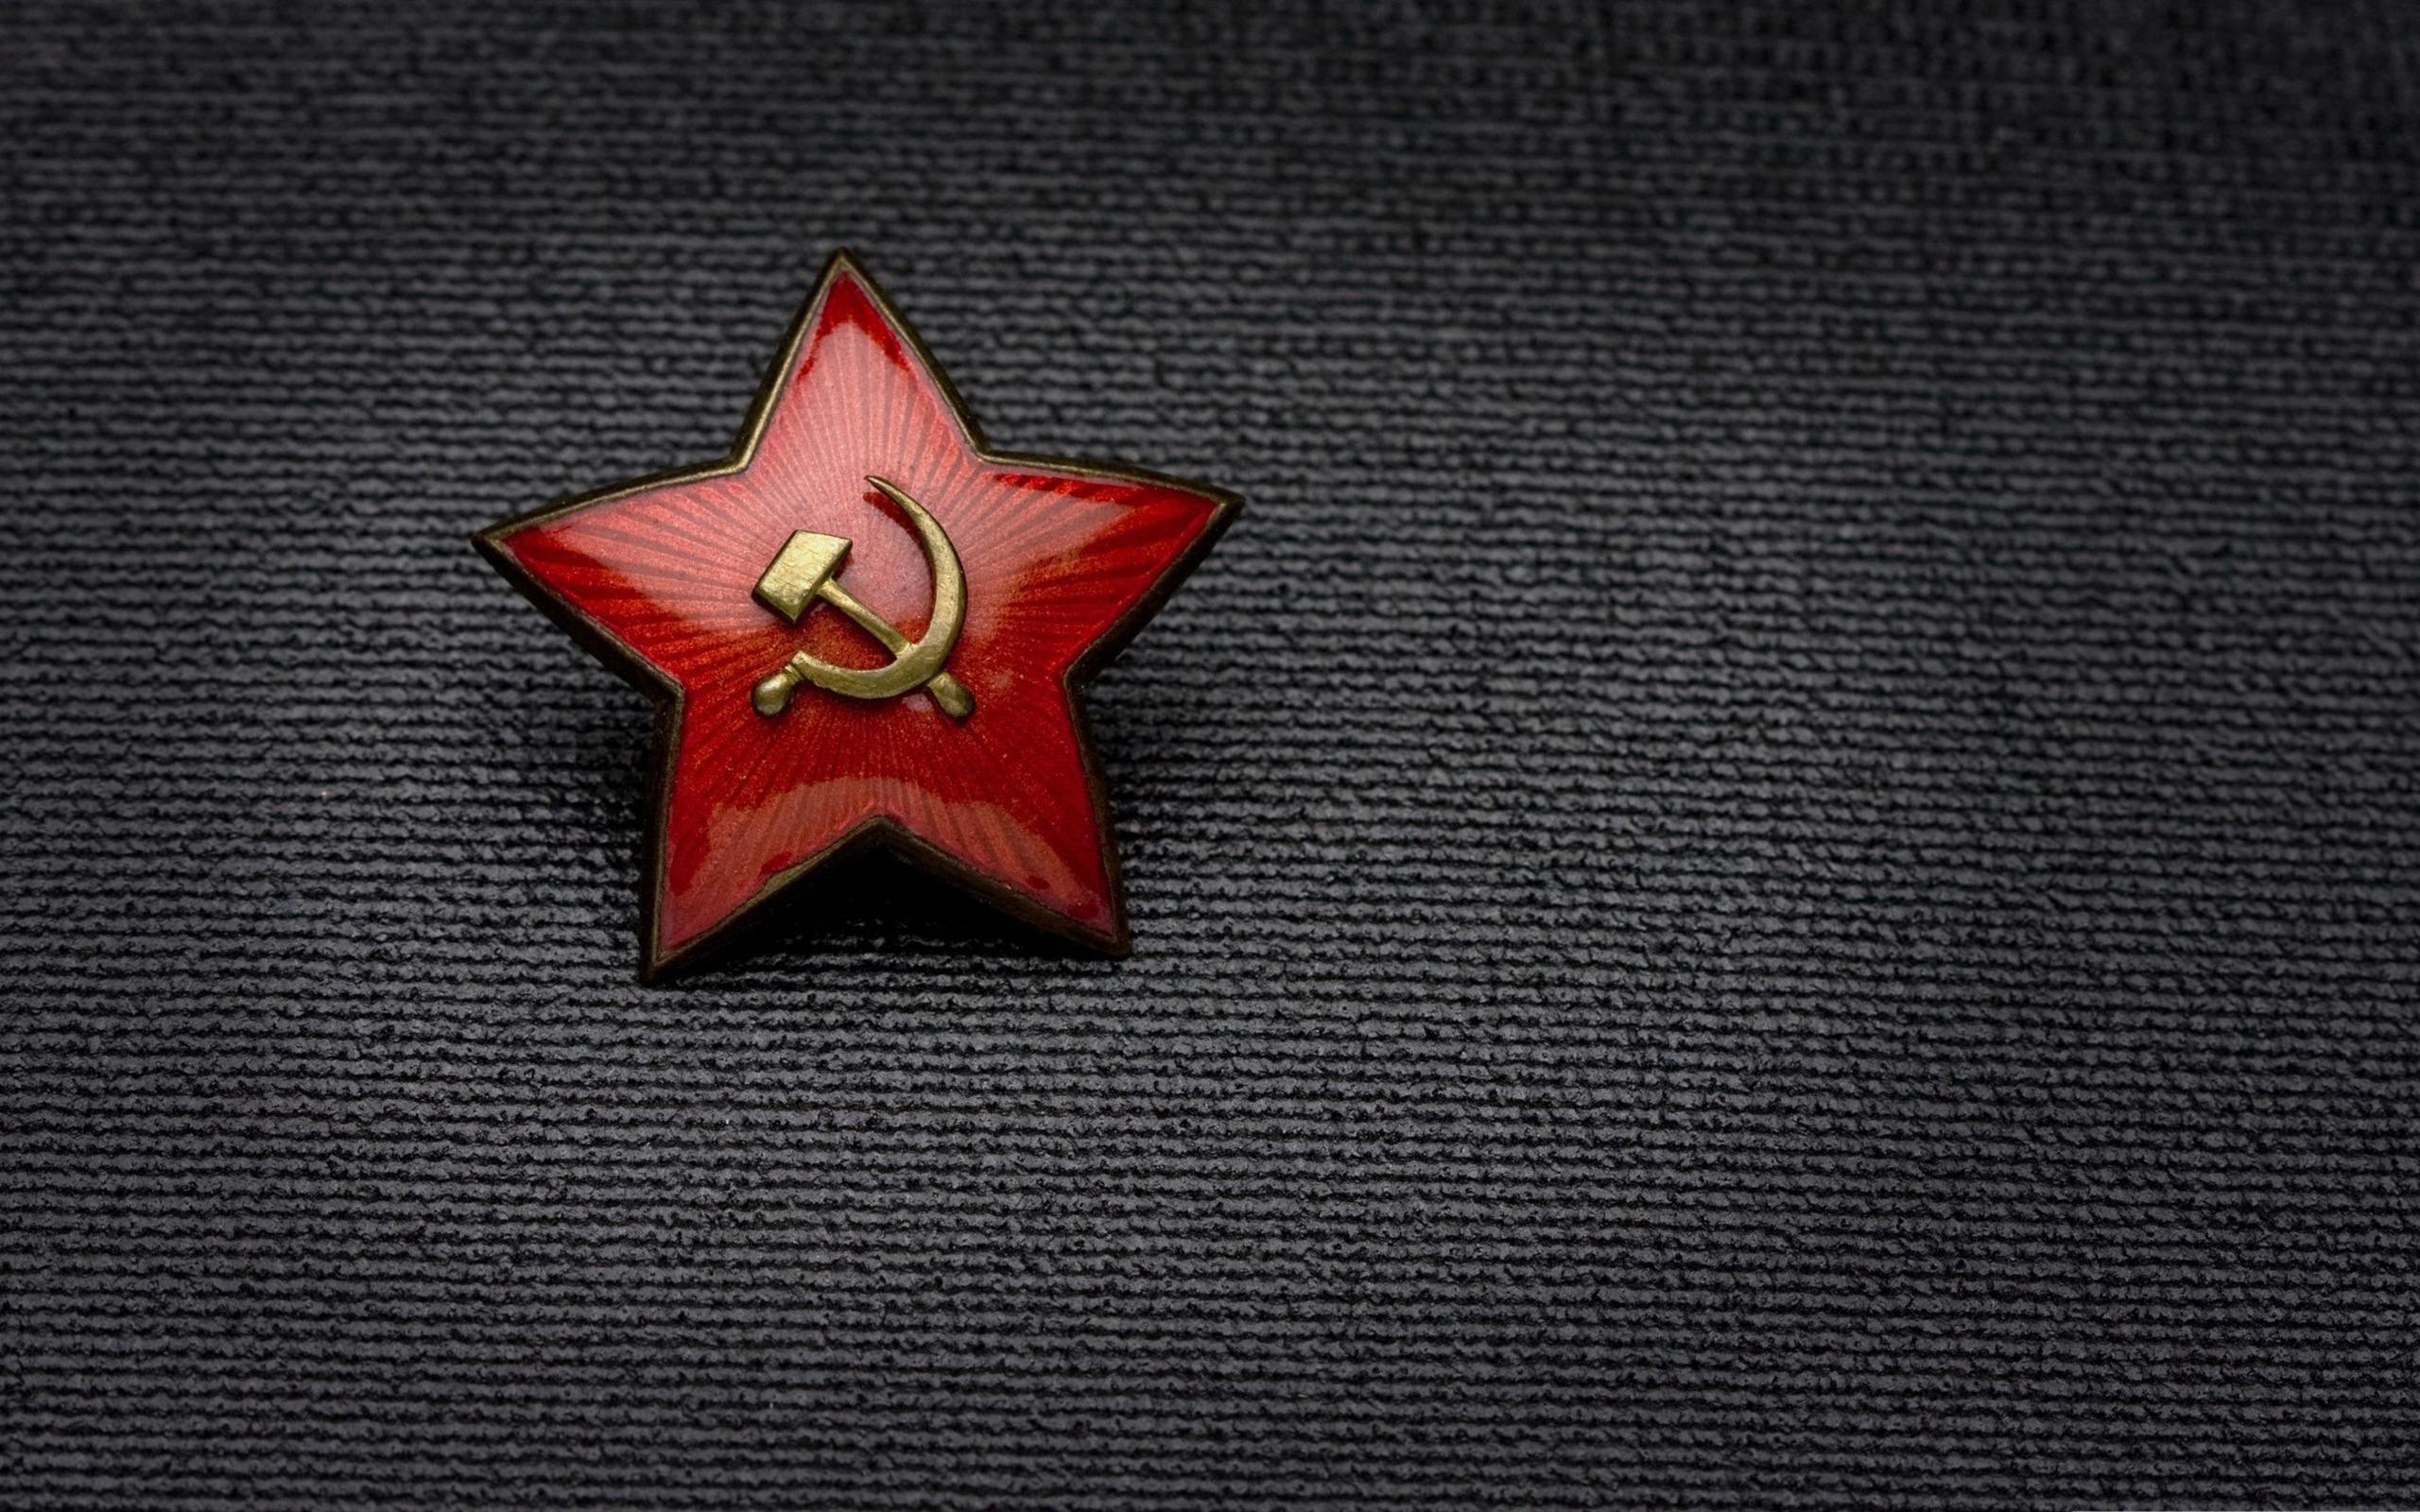 苏联徽章 LOMO 风格�影作品桌面  2560x1600 壁纸下载 10wallpapercom